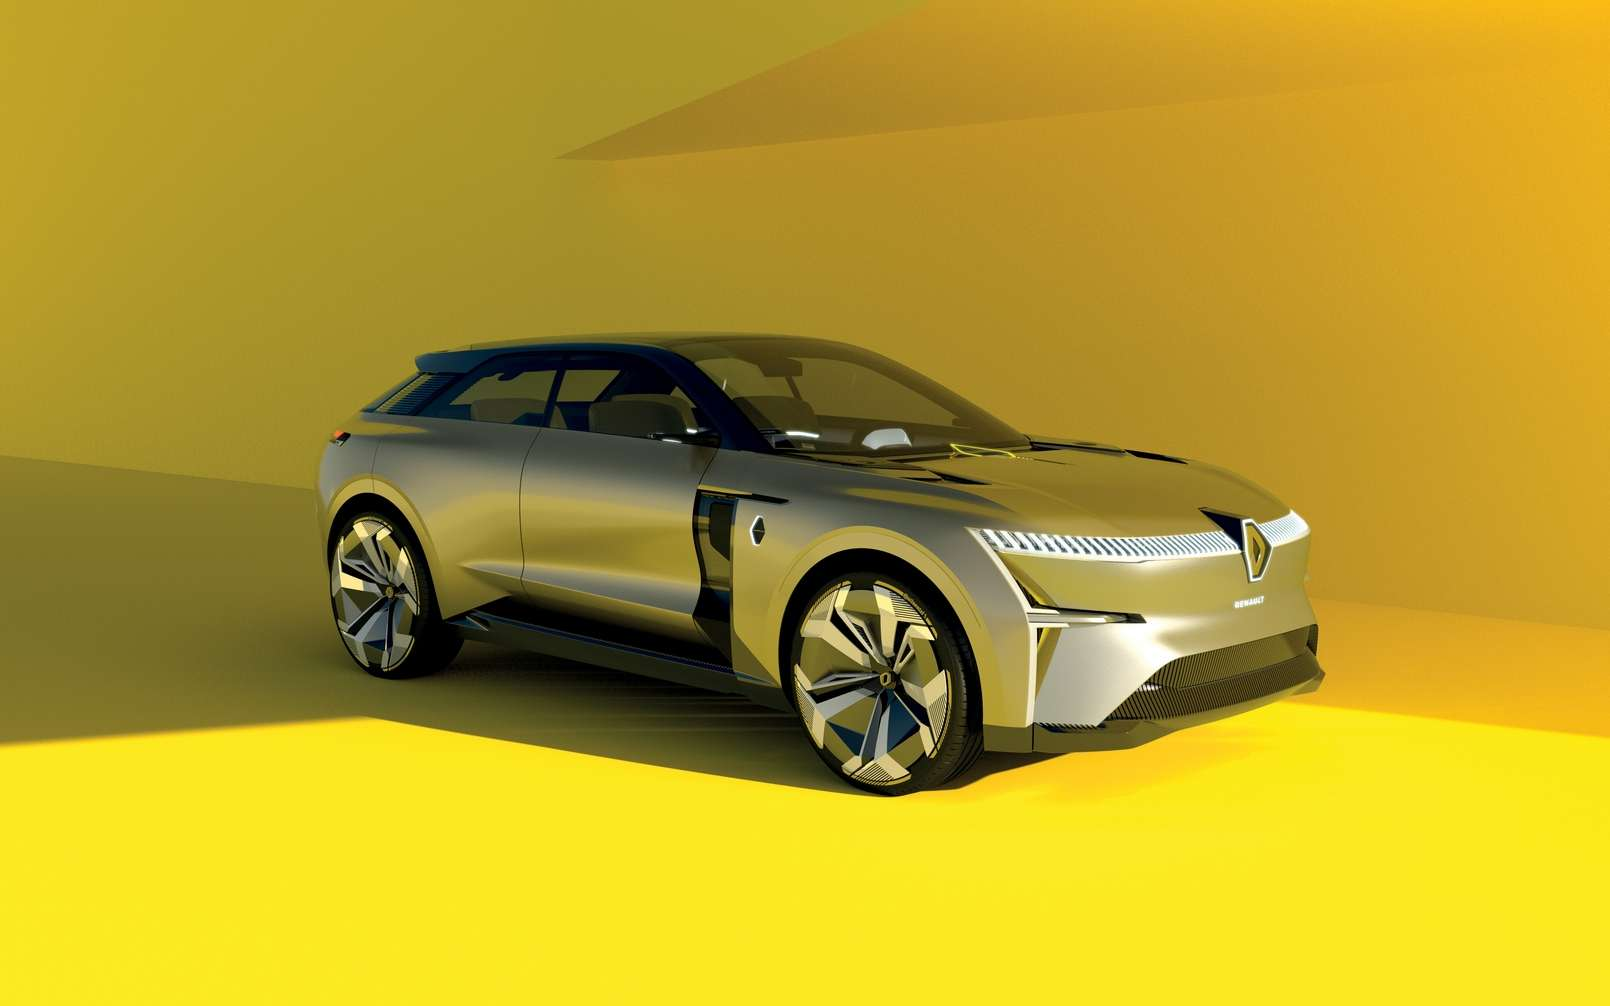 La Renault Morphoz est aussi dotée d'une conduite autonome de niveau 3. © Julien Oppenhein, Renault